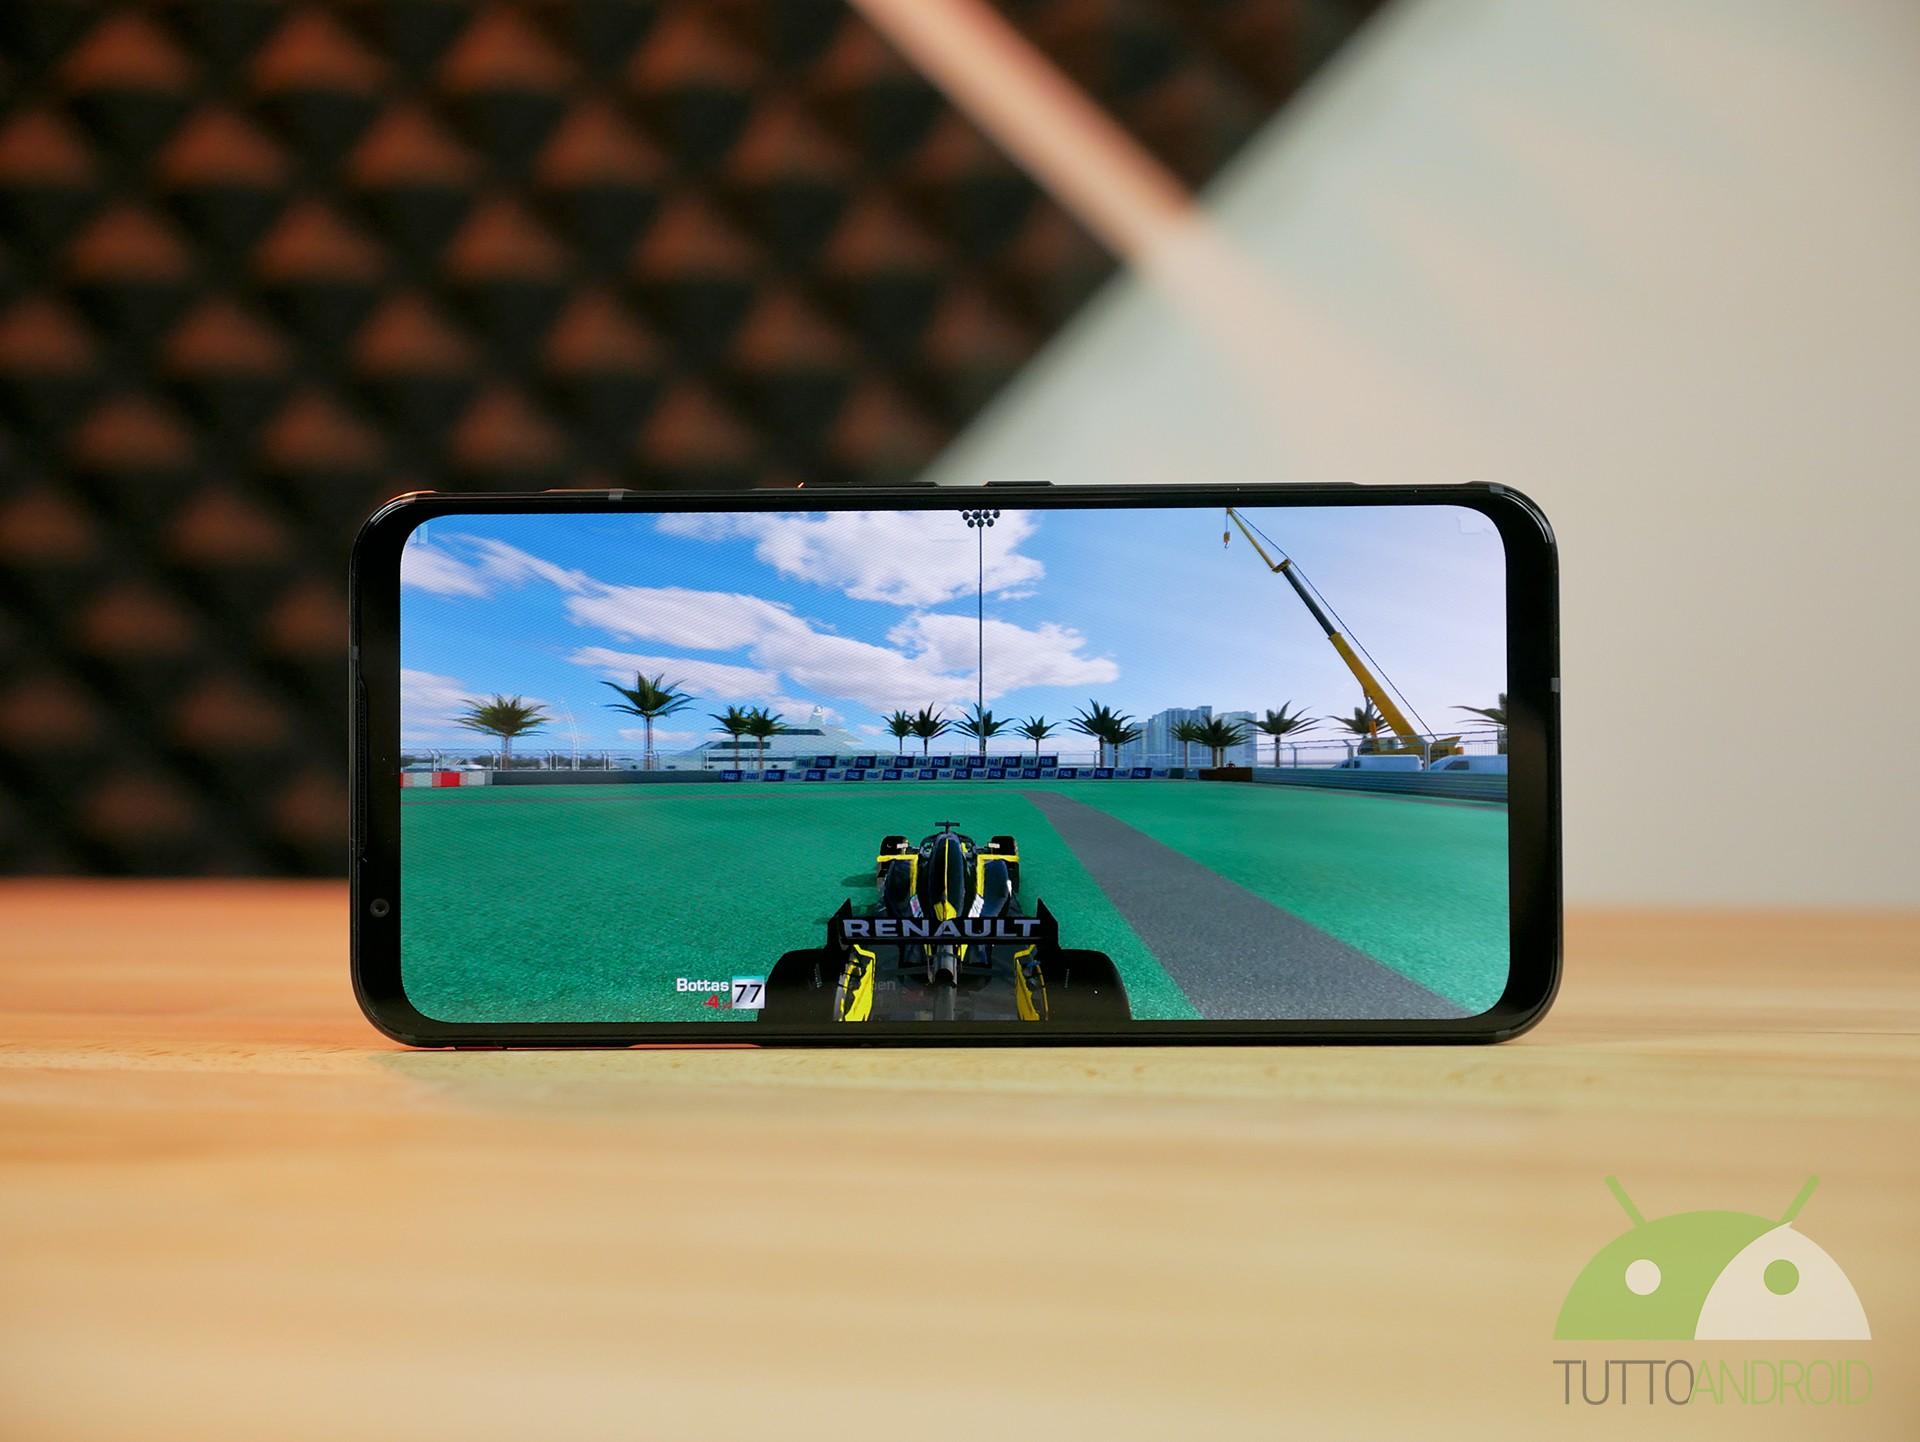 مراجعة RedMagic 5G: أكثر من مجرد هاتف للألعاب ، القاتل الرائد لعام 2020 2